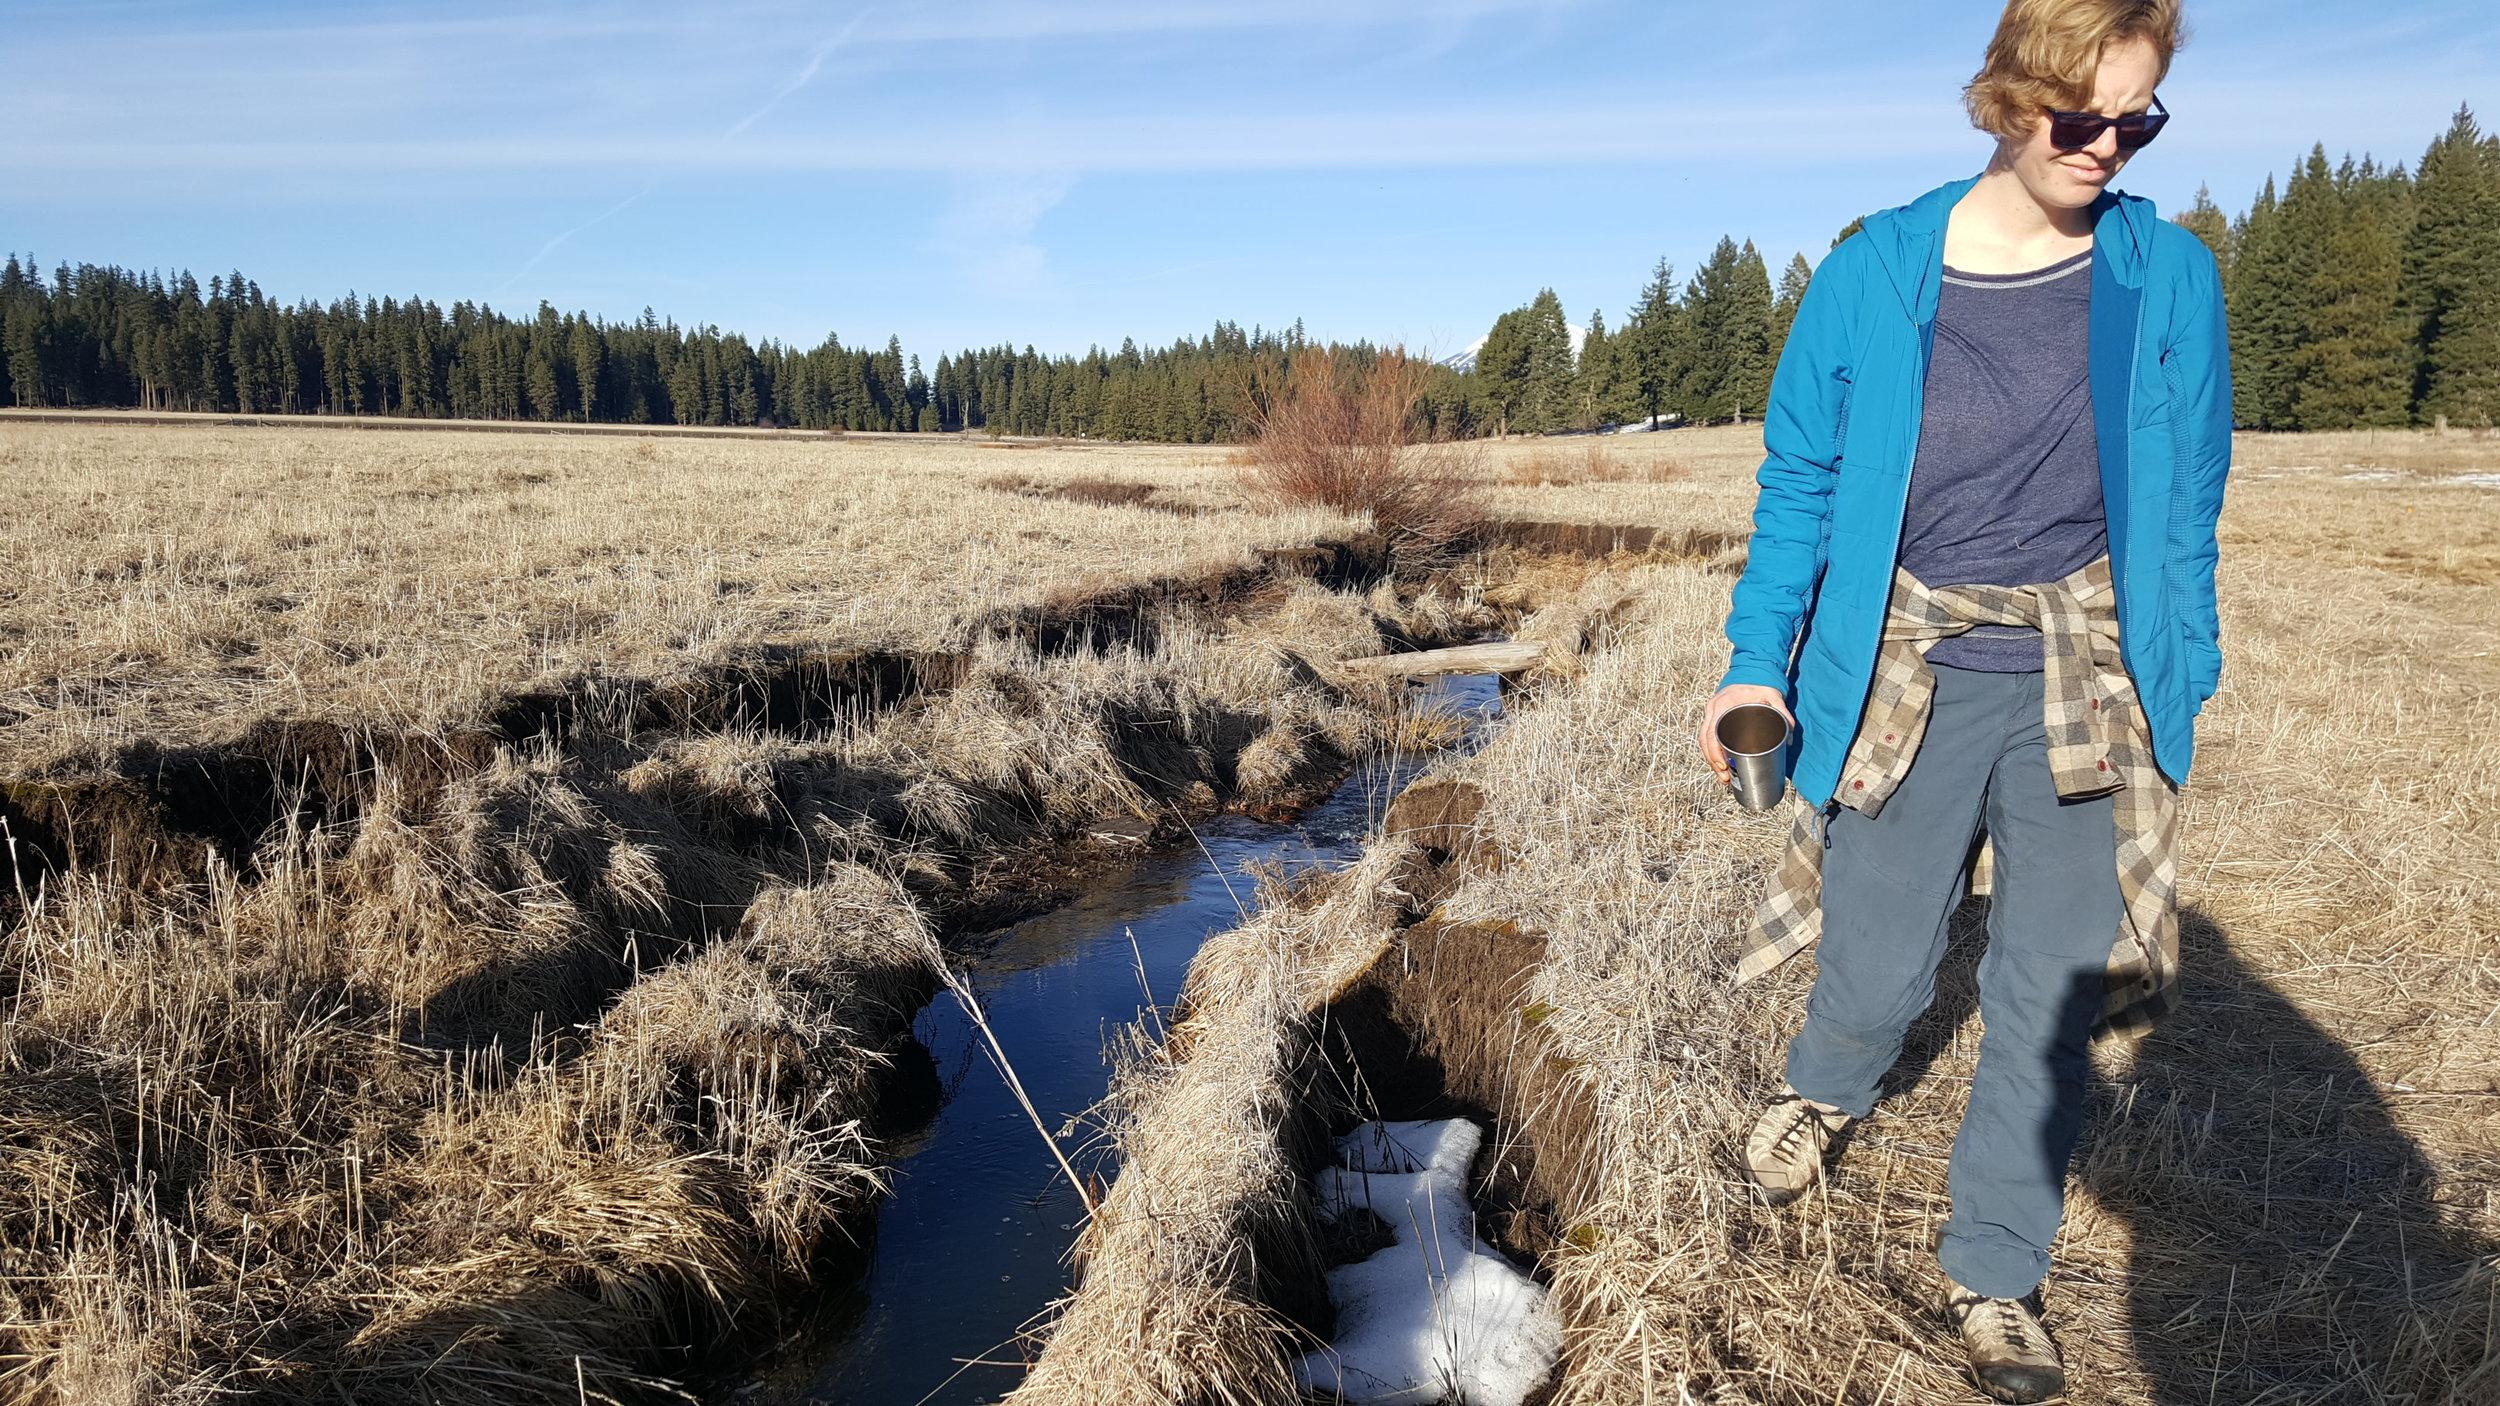 Tuula-community-science-vesper-meadow